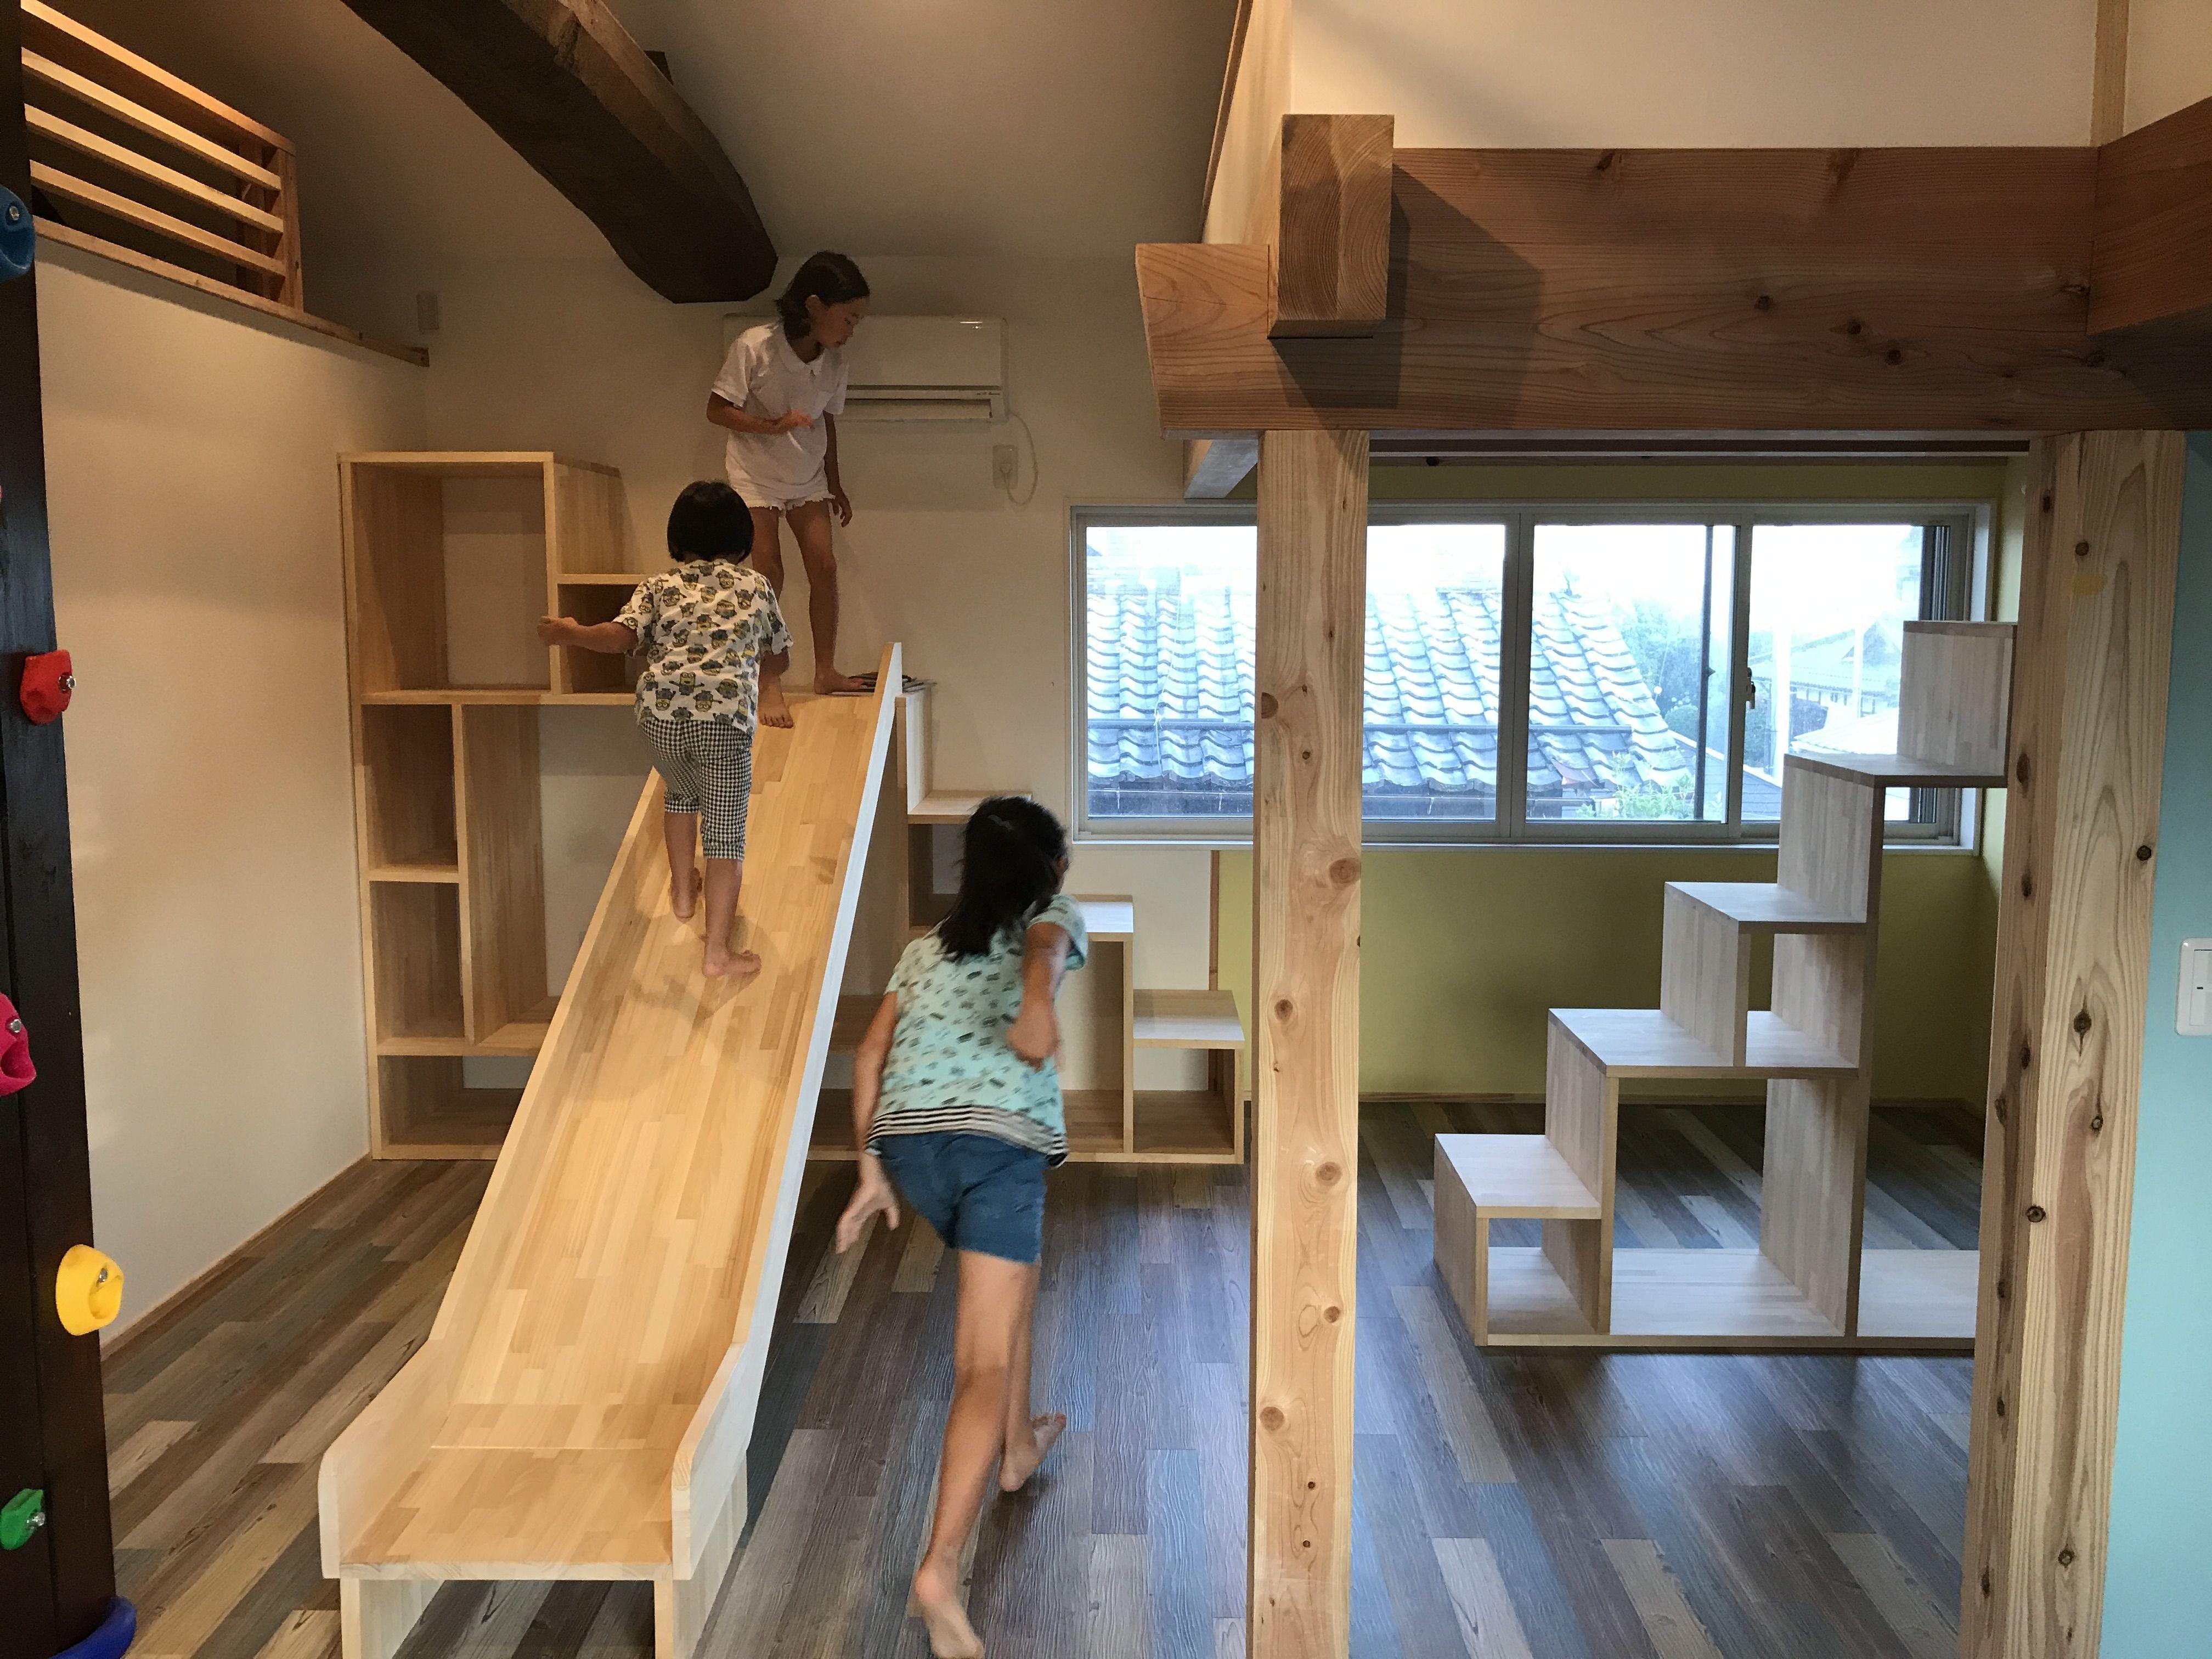 南浜の家 リノベーション設計事例 すべり台のある家の秘密基地のような遊び心